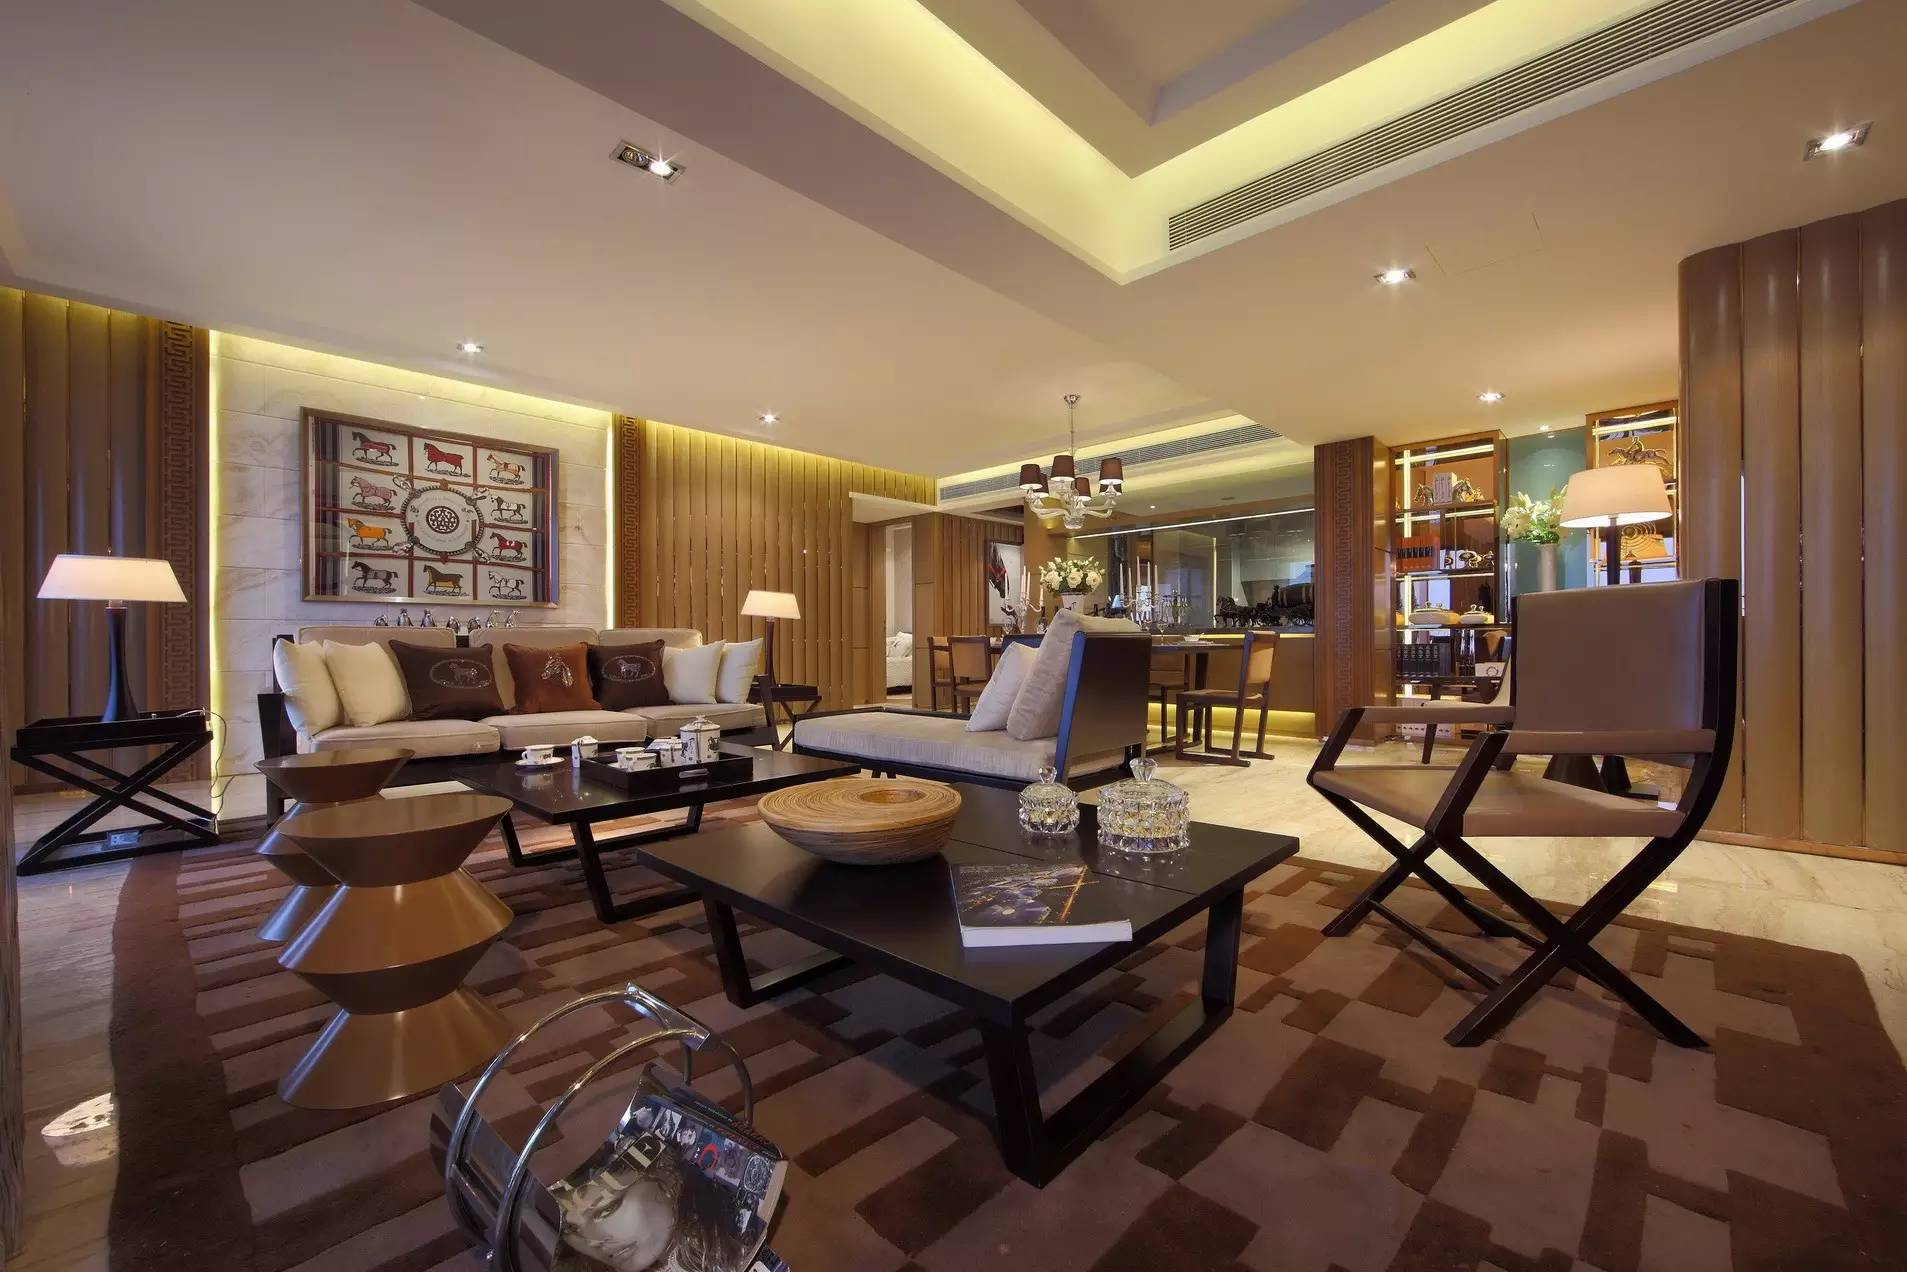 开阔的客厅让人心旷神怡,空间以咖、棕色为主加以少量白色糅合,强烈地感受传统的历史痕迹与浑厚的文化底蕴